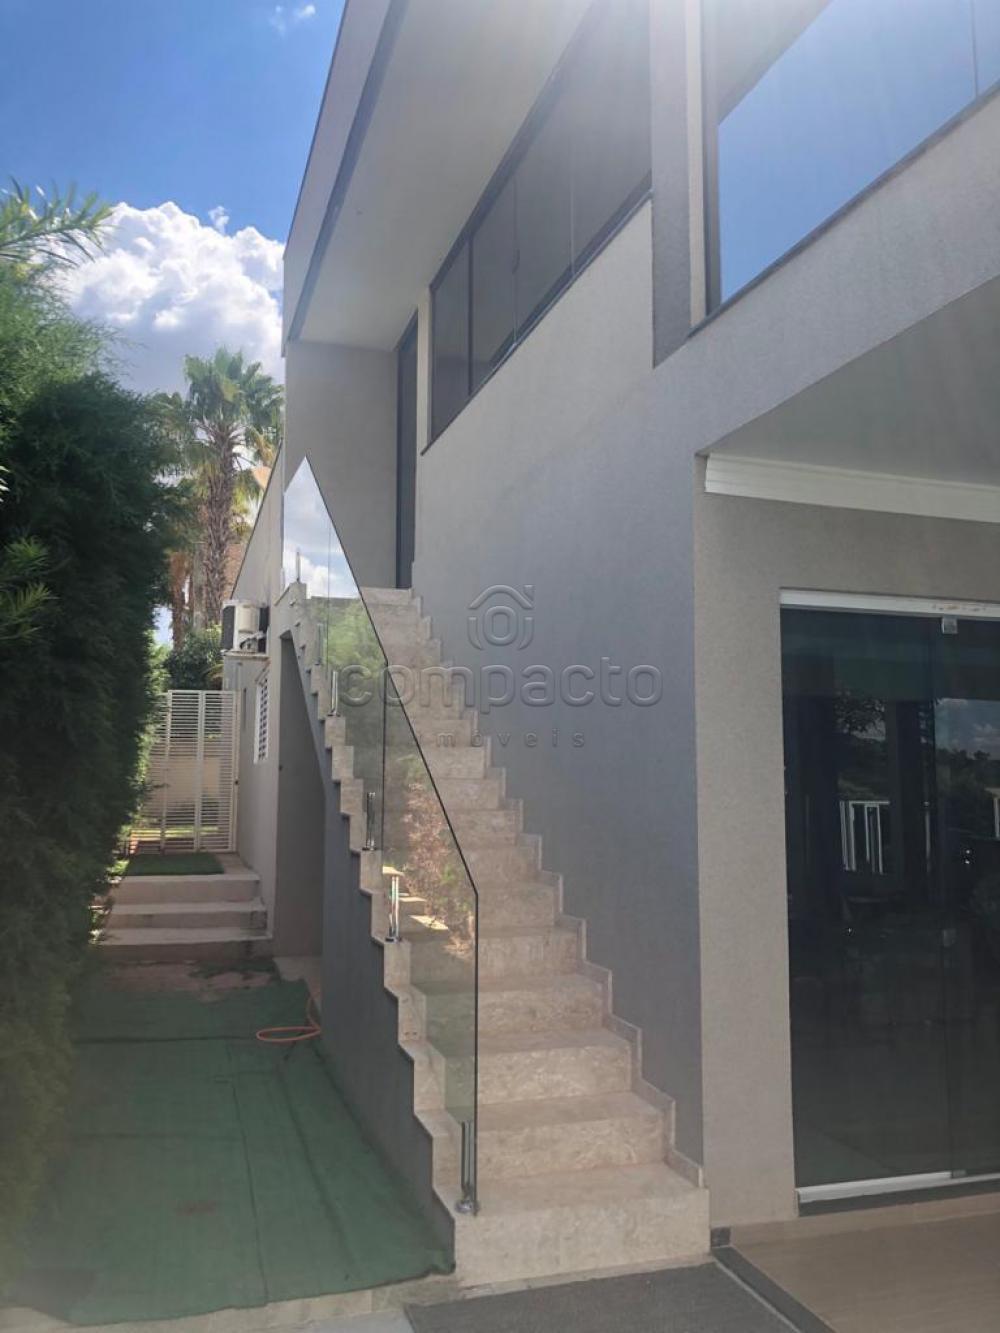 Comprar Rancho / Condominio em Mendonça apenas R$ 1.750.000,00 - Foto 5